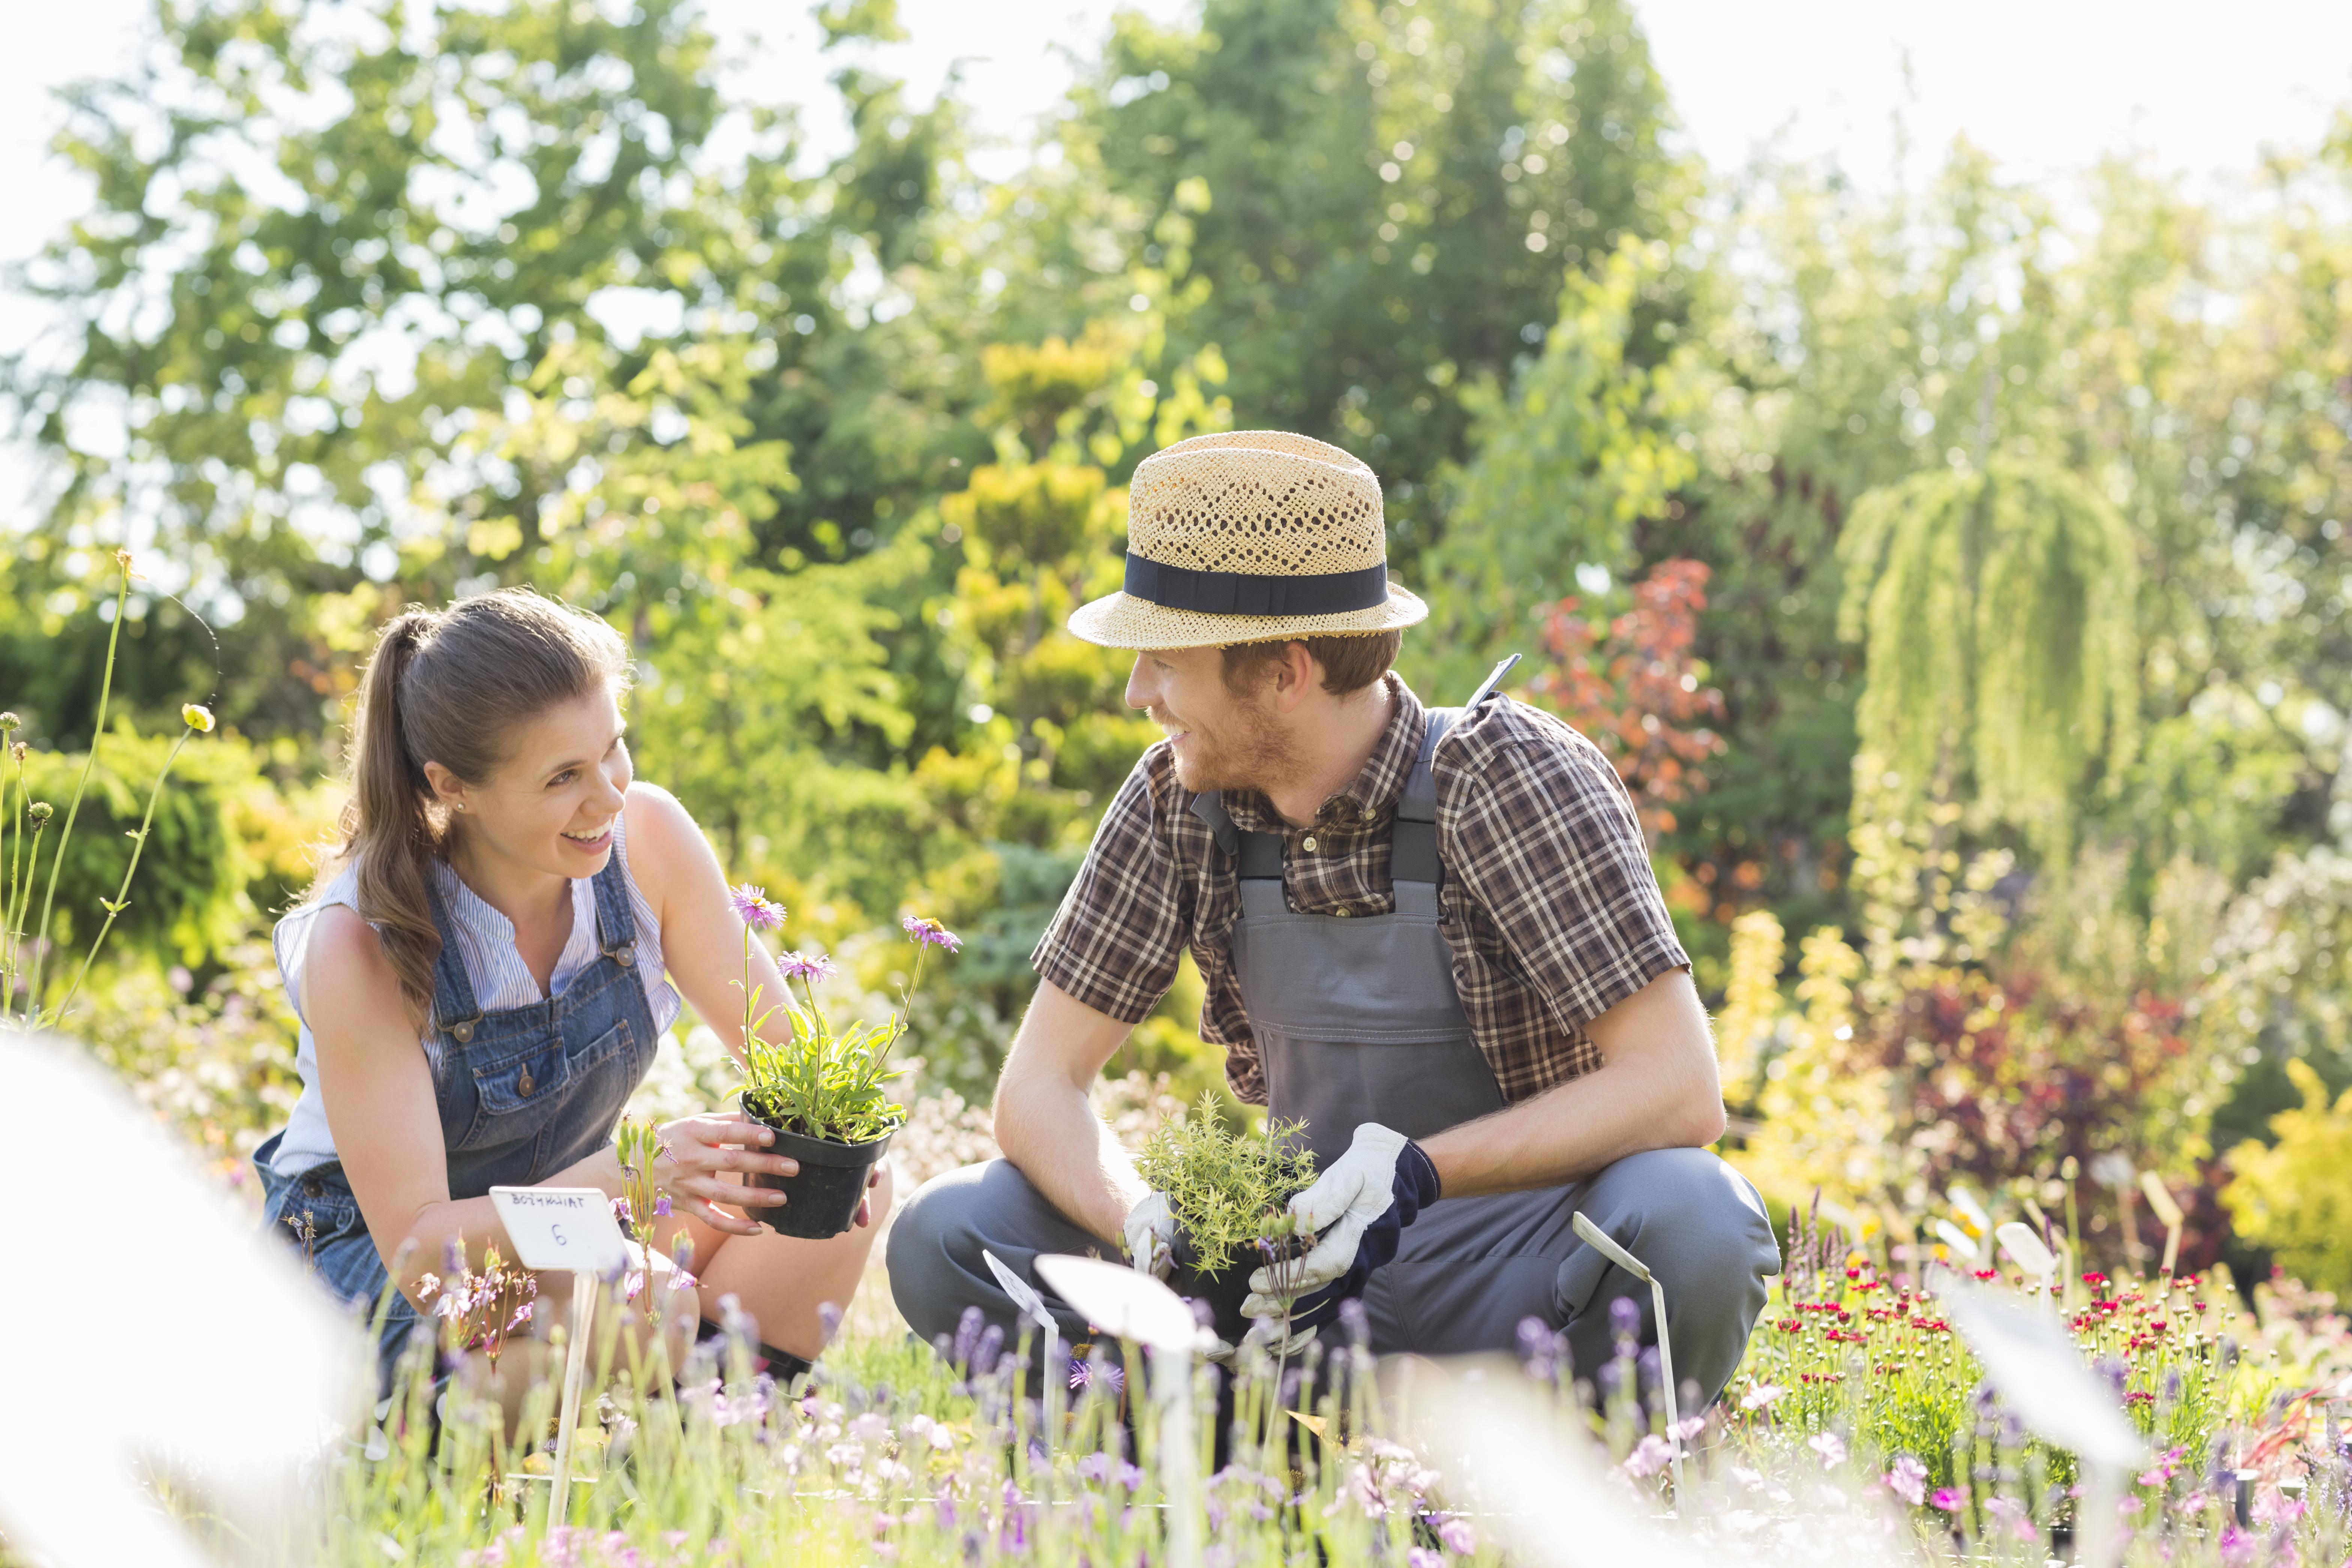 Gardeners talking while gardening at plant nursery